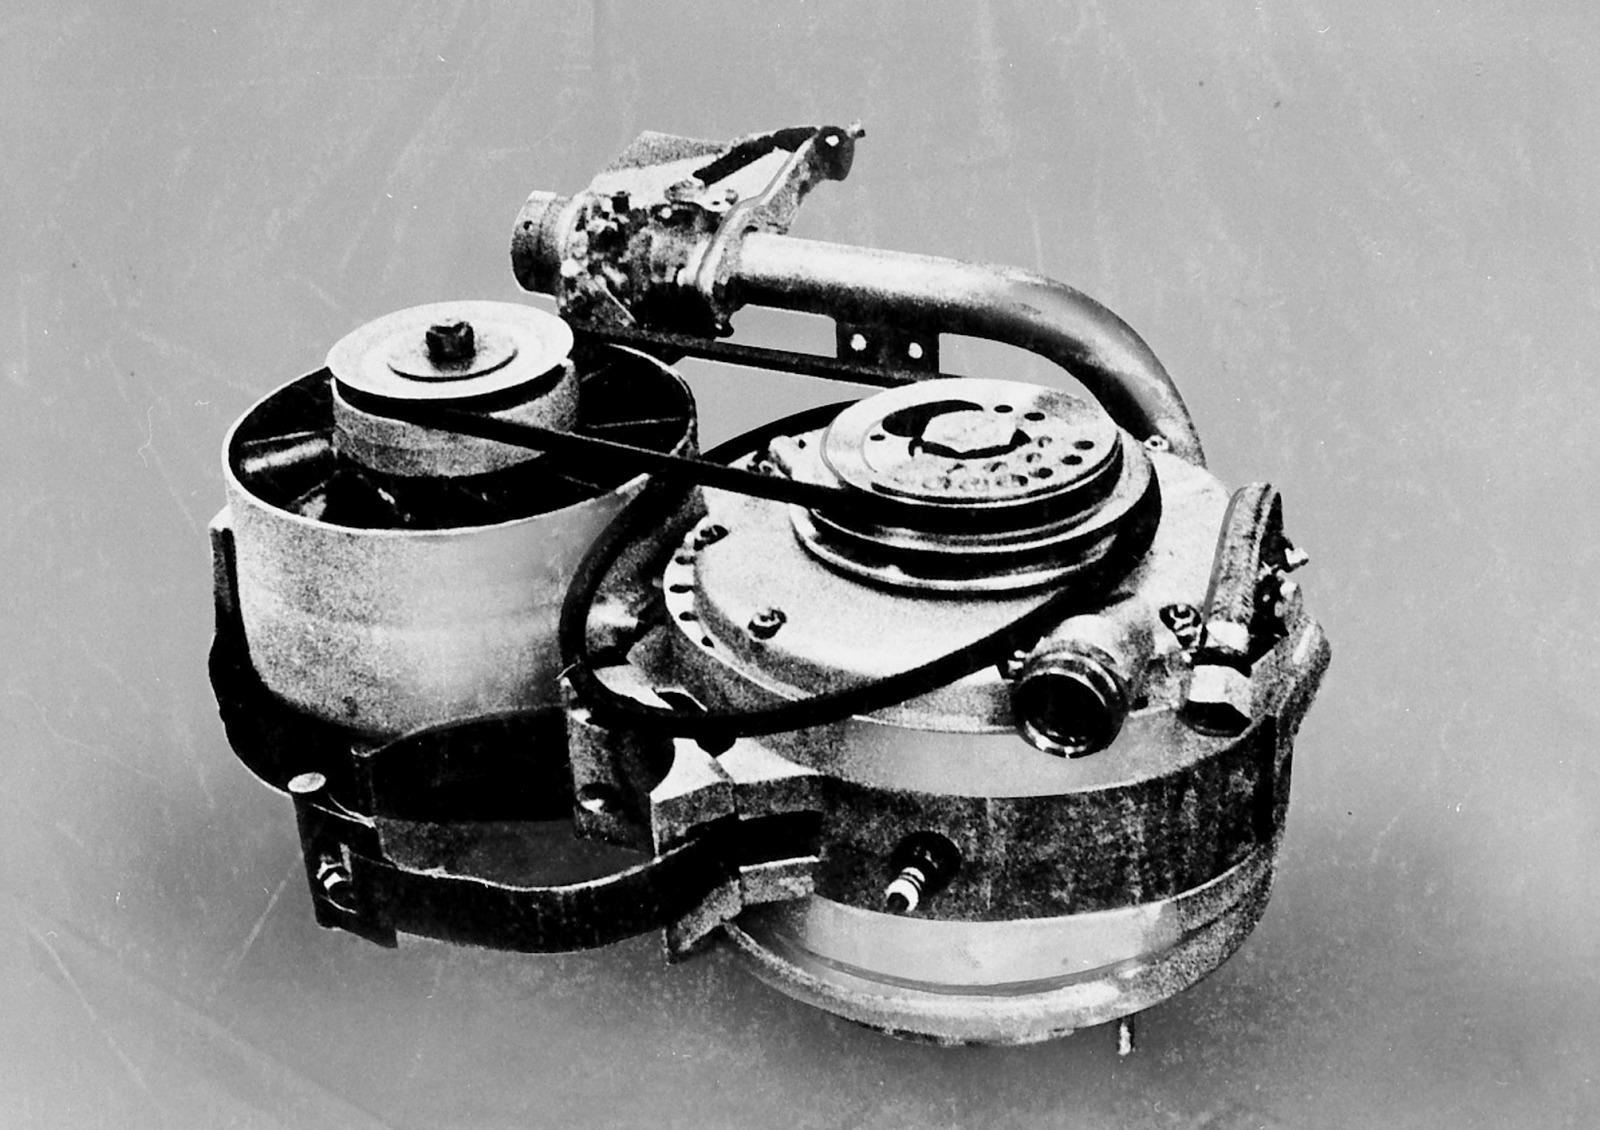 「バンケル式ロータリーエンジンの技術提携と開発着手【マツダ100年史・第11回・第4章 その1】」の4枚目の画像